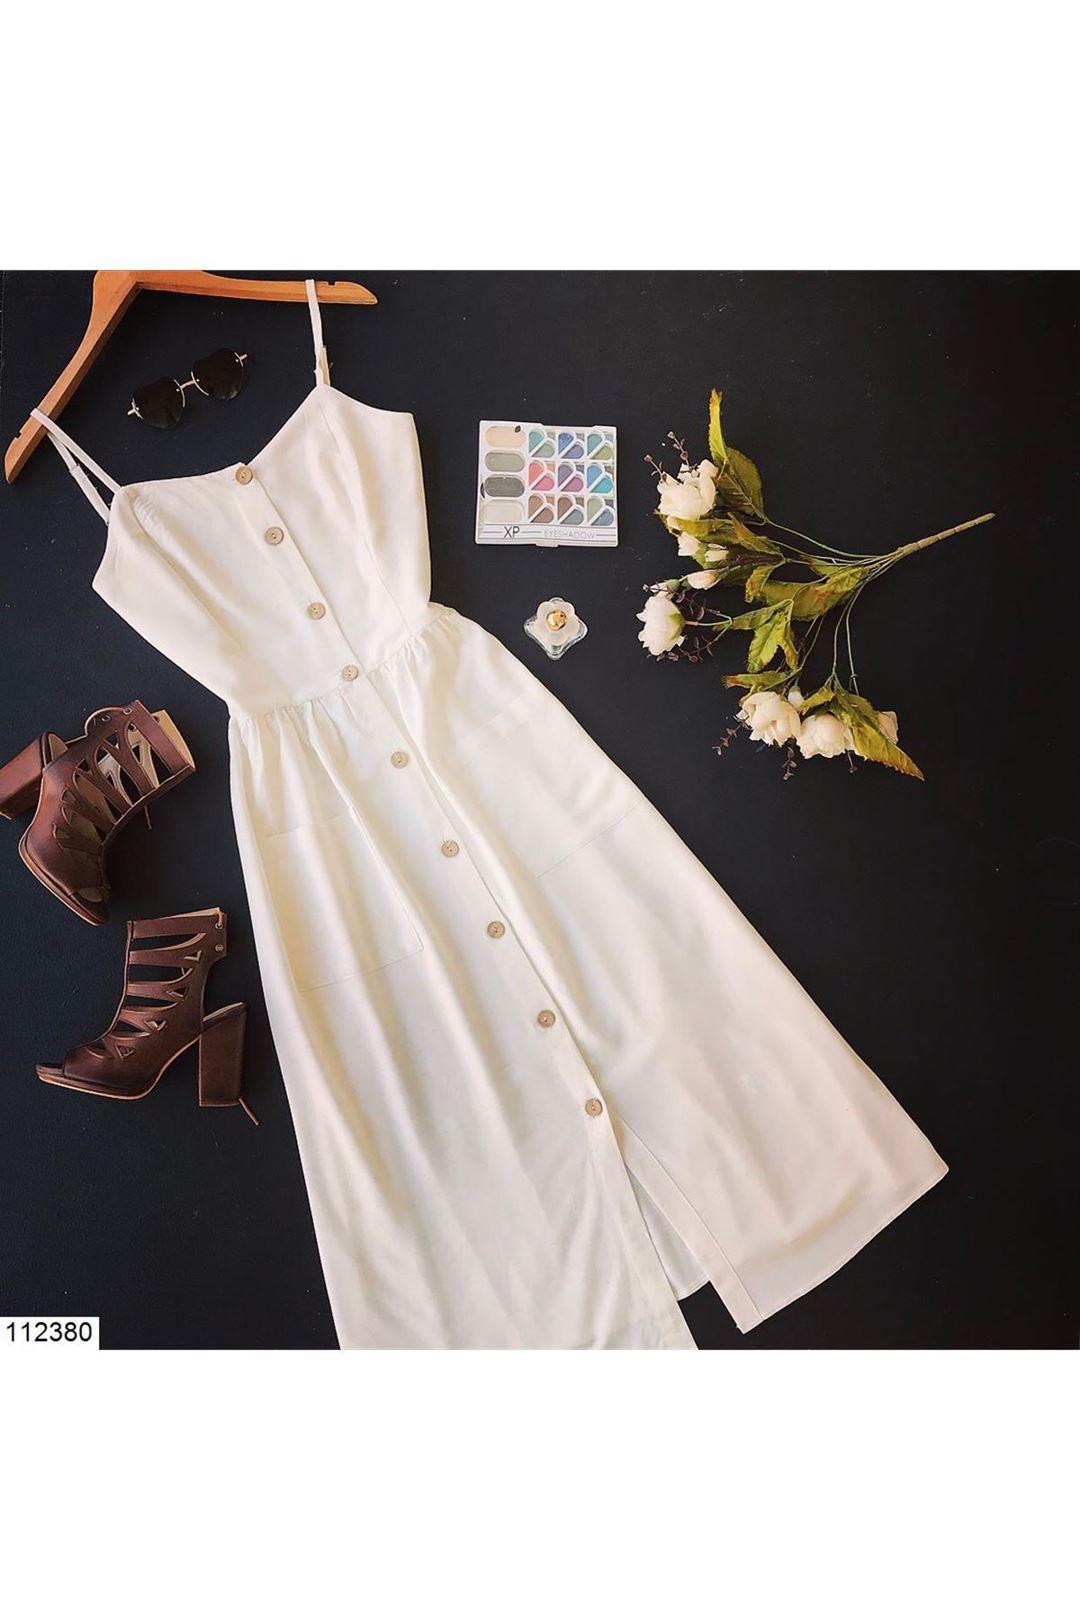 İp Askılı Cepli Ekru Kadın Elbise 112380